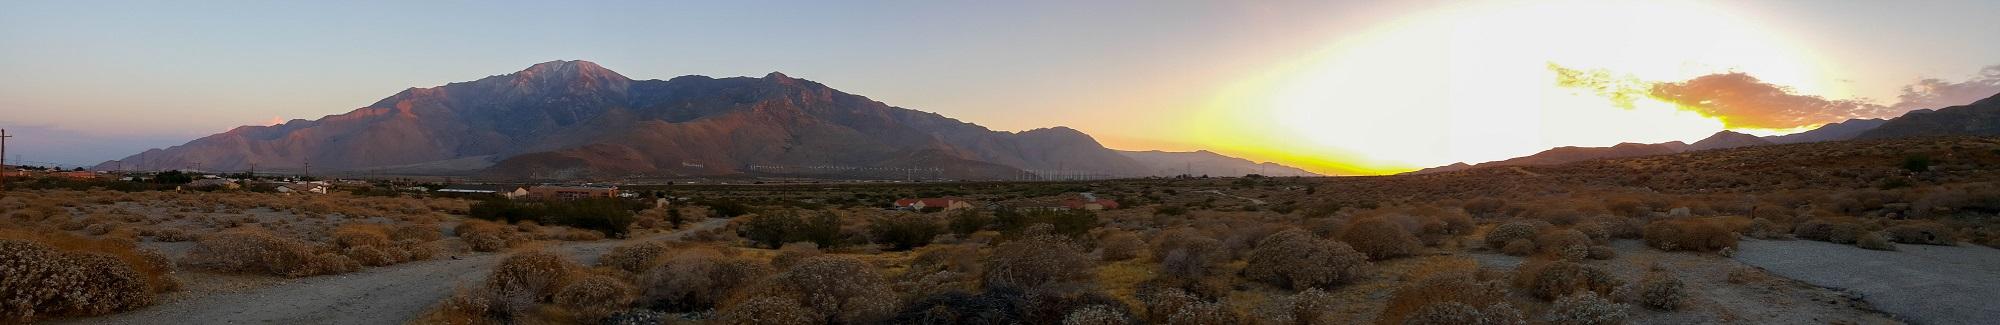 Jacinto sunset panorama